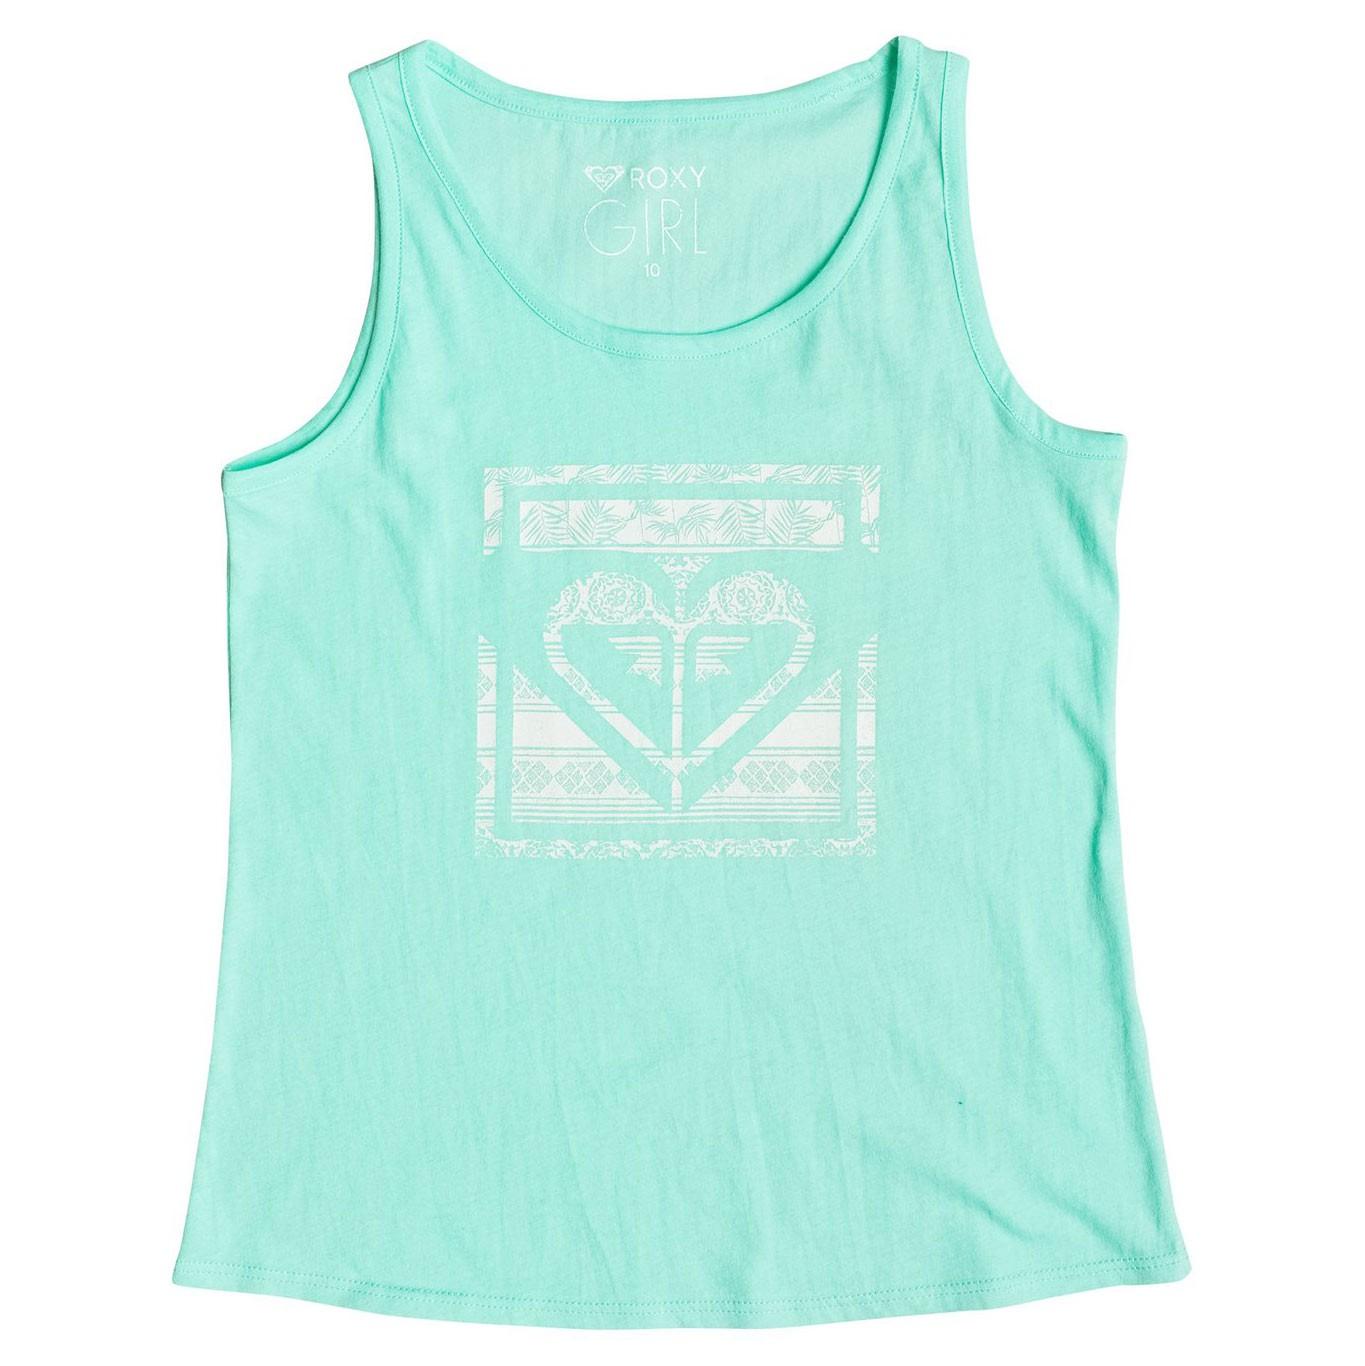 Tričko Roxy Rainy Night Tropical Wax Heart beach glass vel.8 let 17 + doručení do 24 hodin